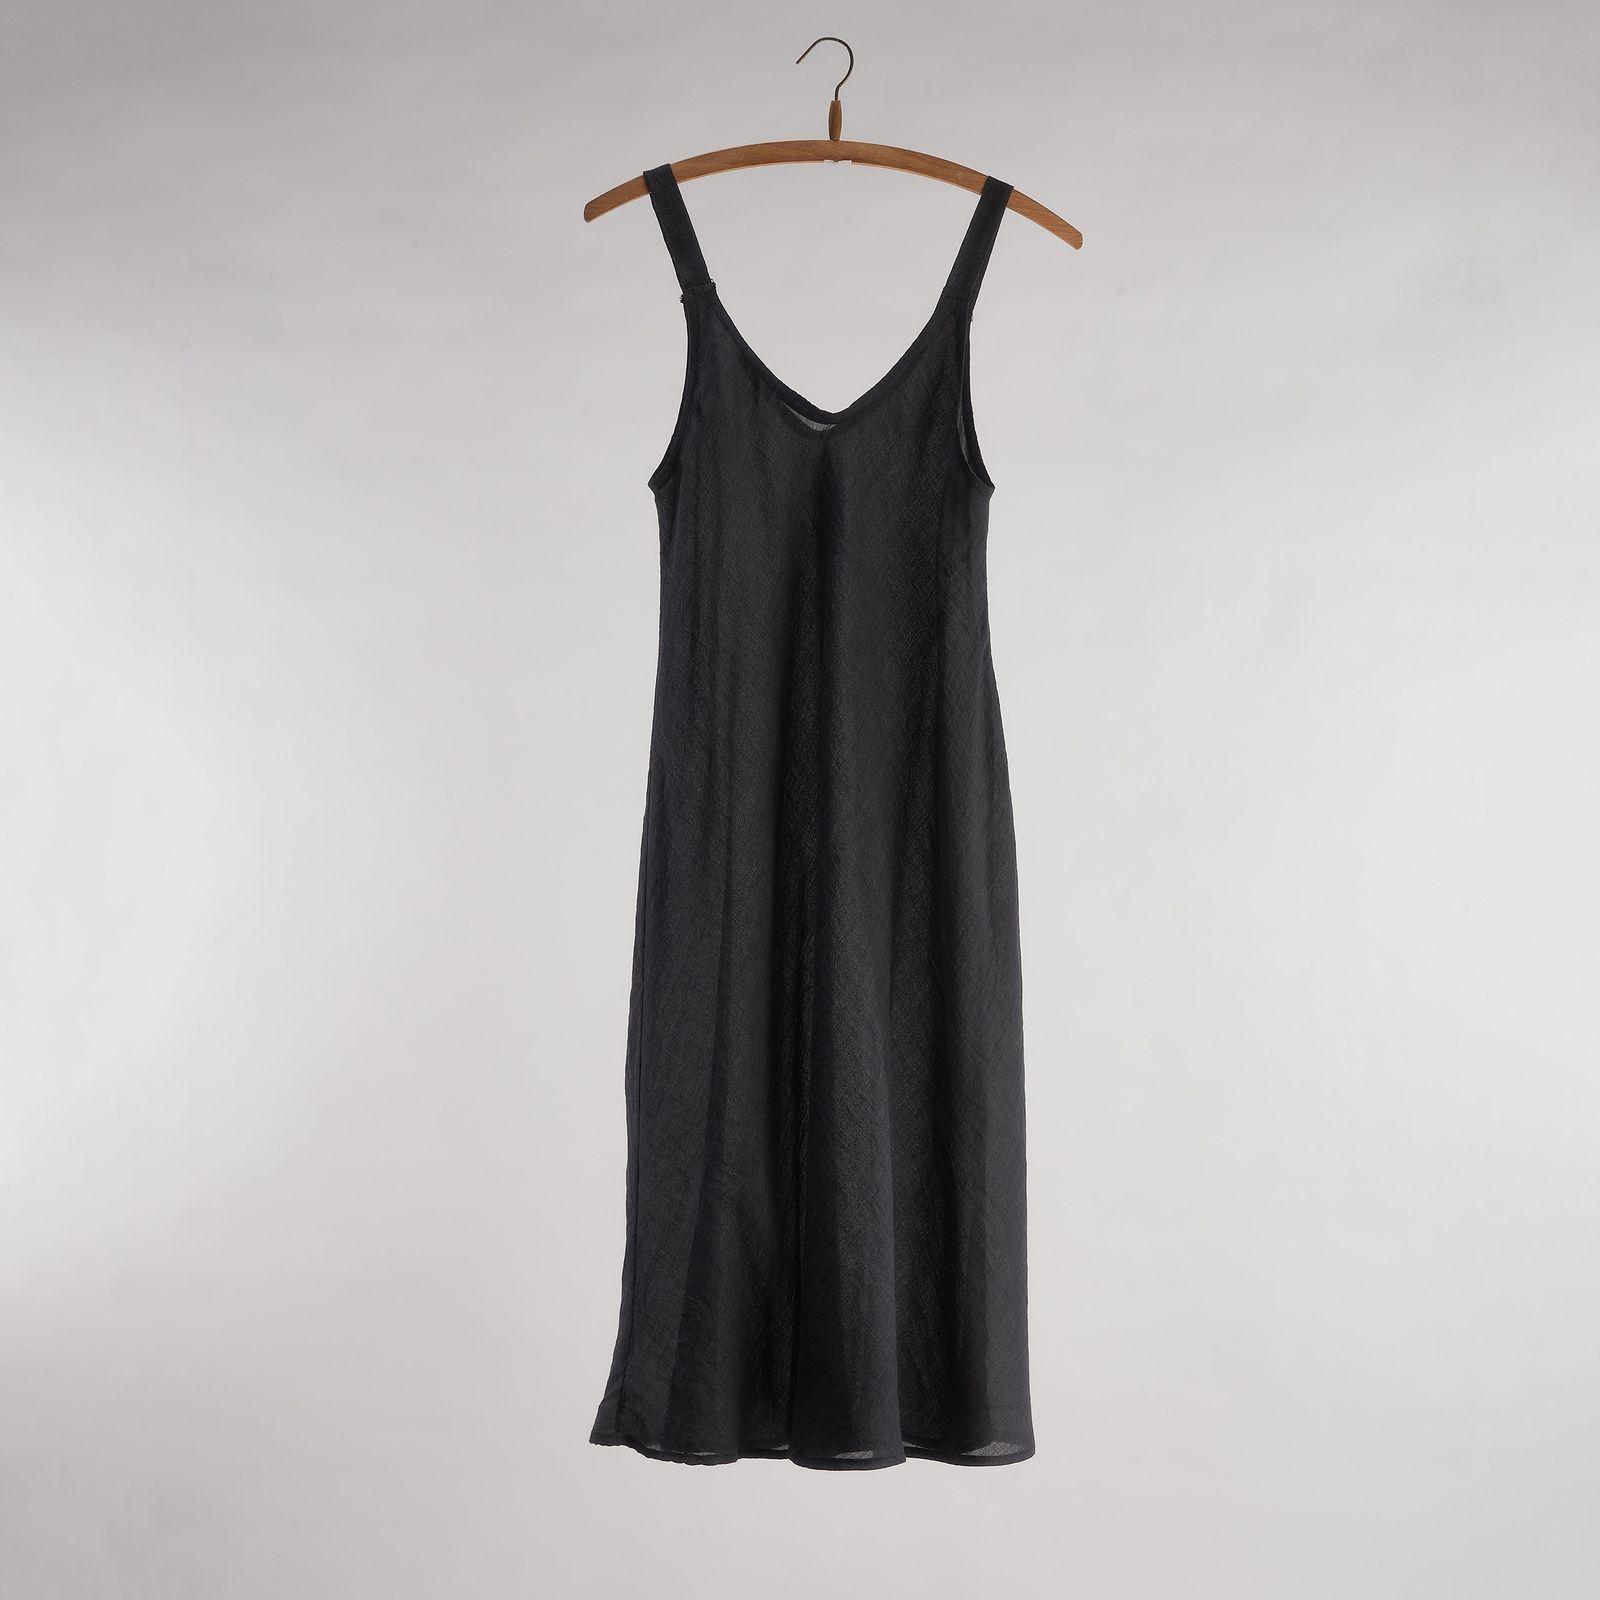 لباس خواب زنانه هیتو استایل مدل D28F230 -  - 6